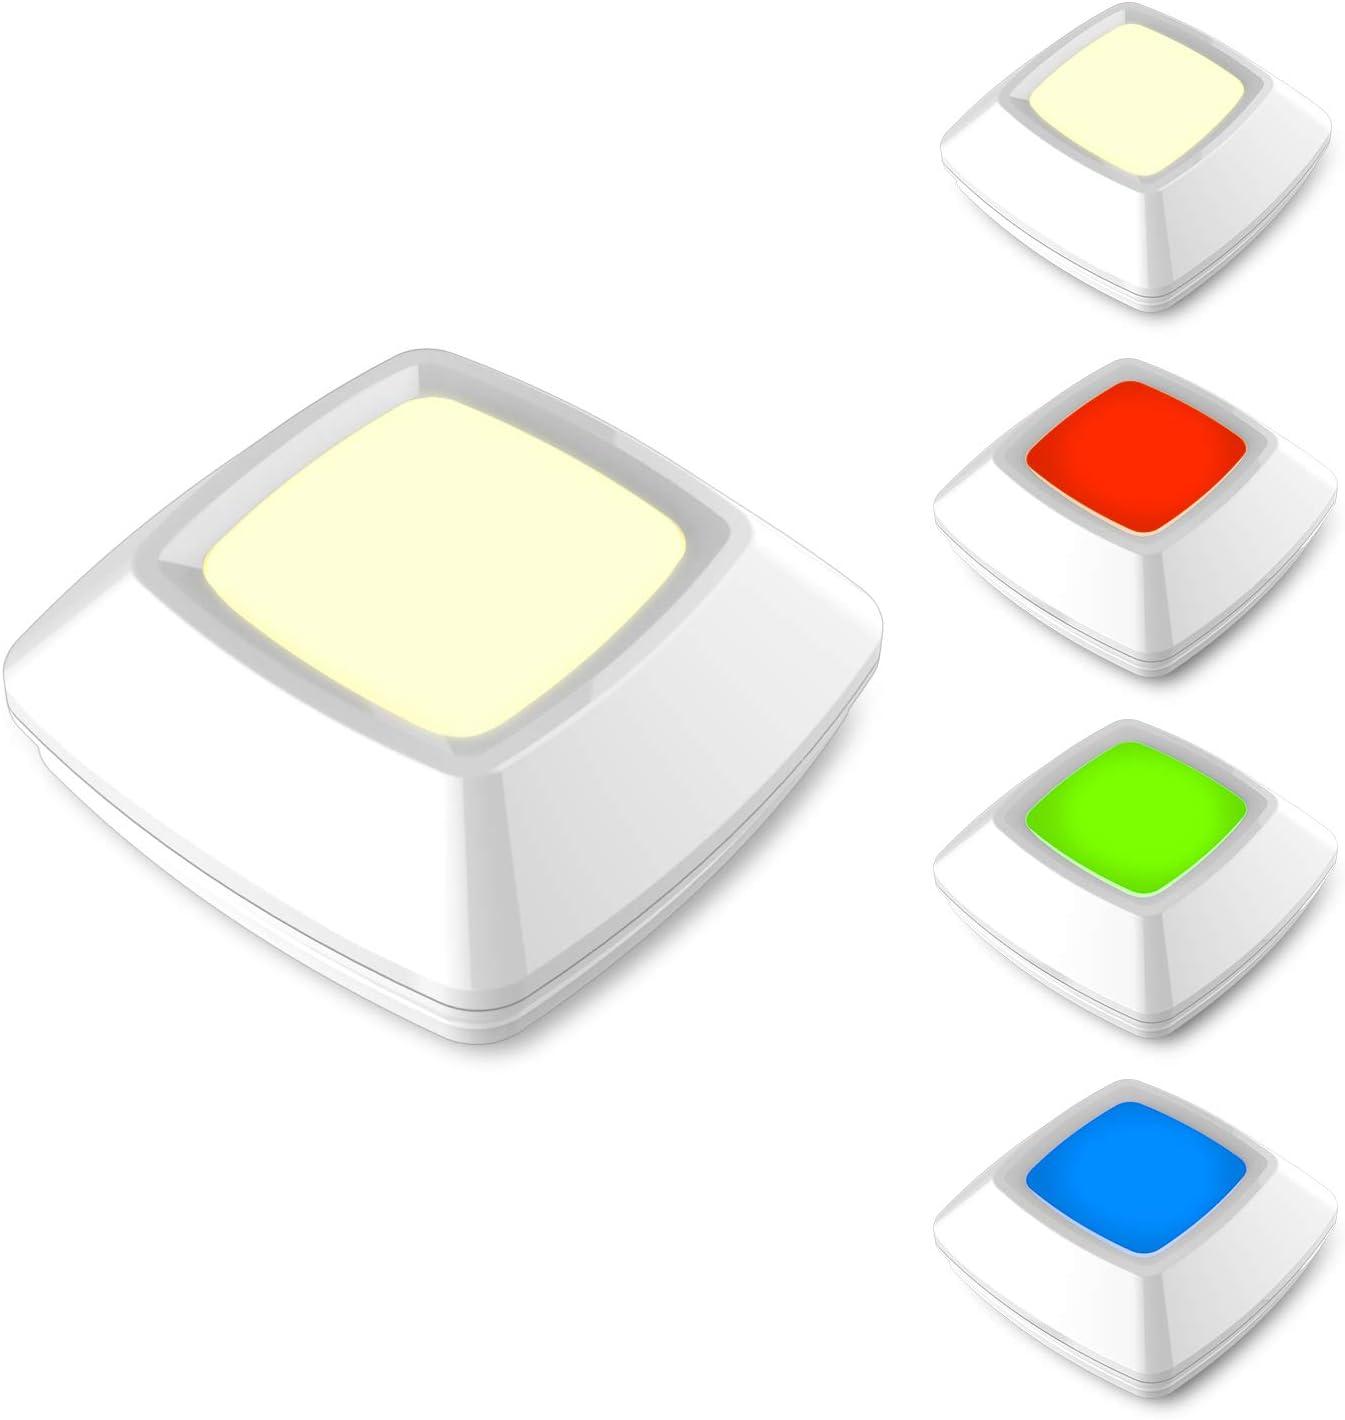 HONWELL Puck Lights LED Closet Light Wireless Push Button Light Battery Powered Halloween Pumpkin Light Color Changing Tap Lights, Click Touch Lights, Stick Counter Cabinet Shelf Press Lights 5Pack